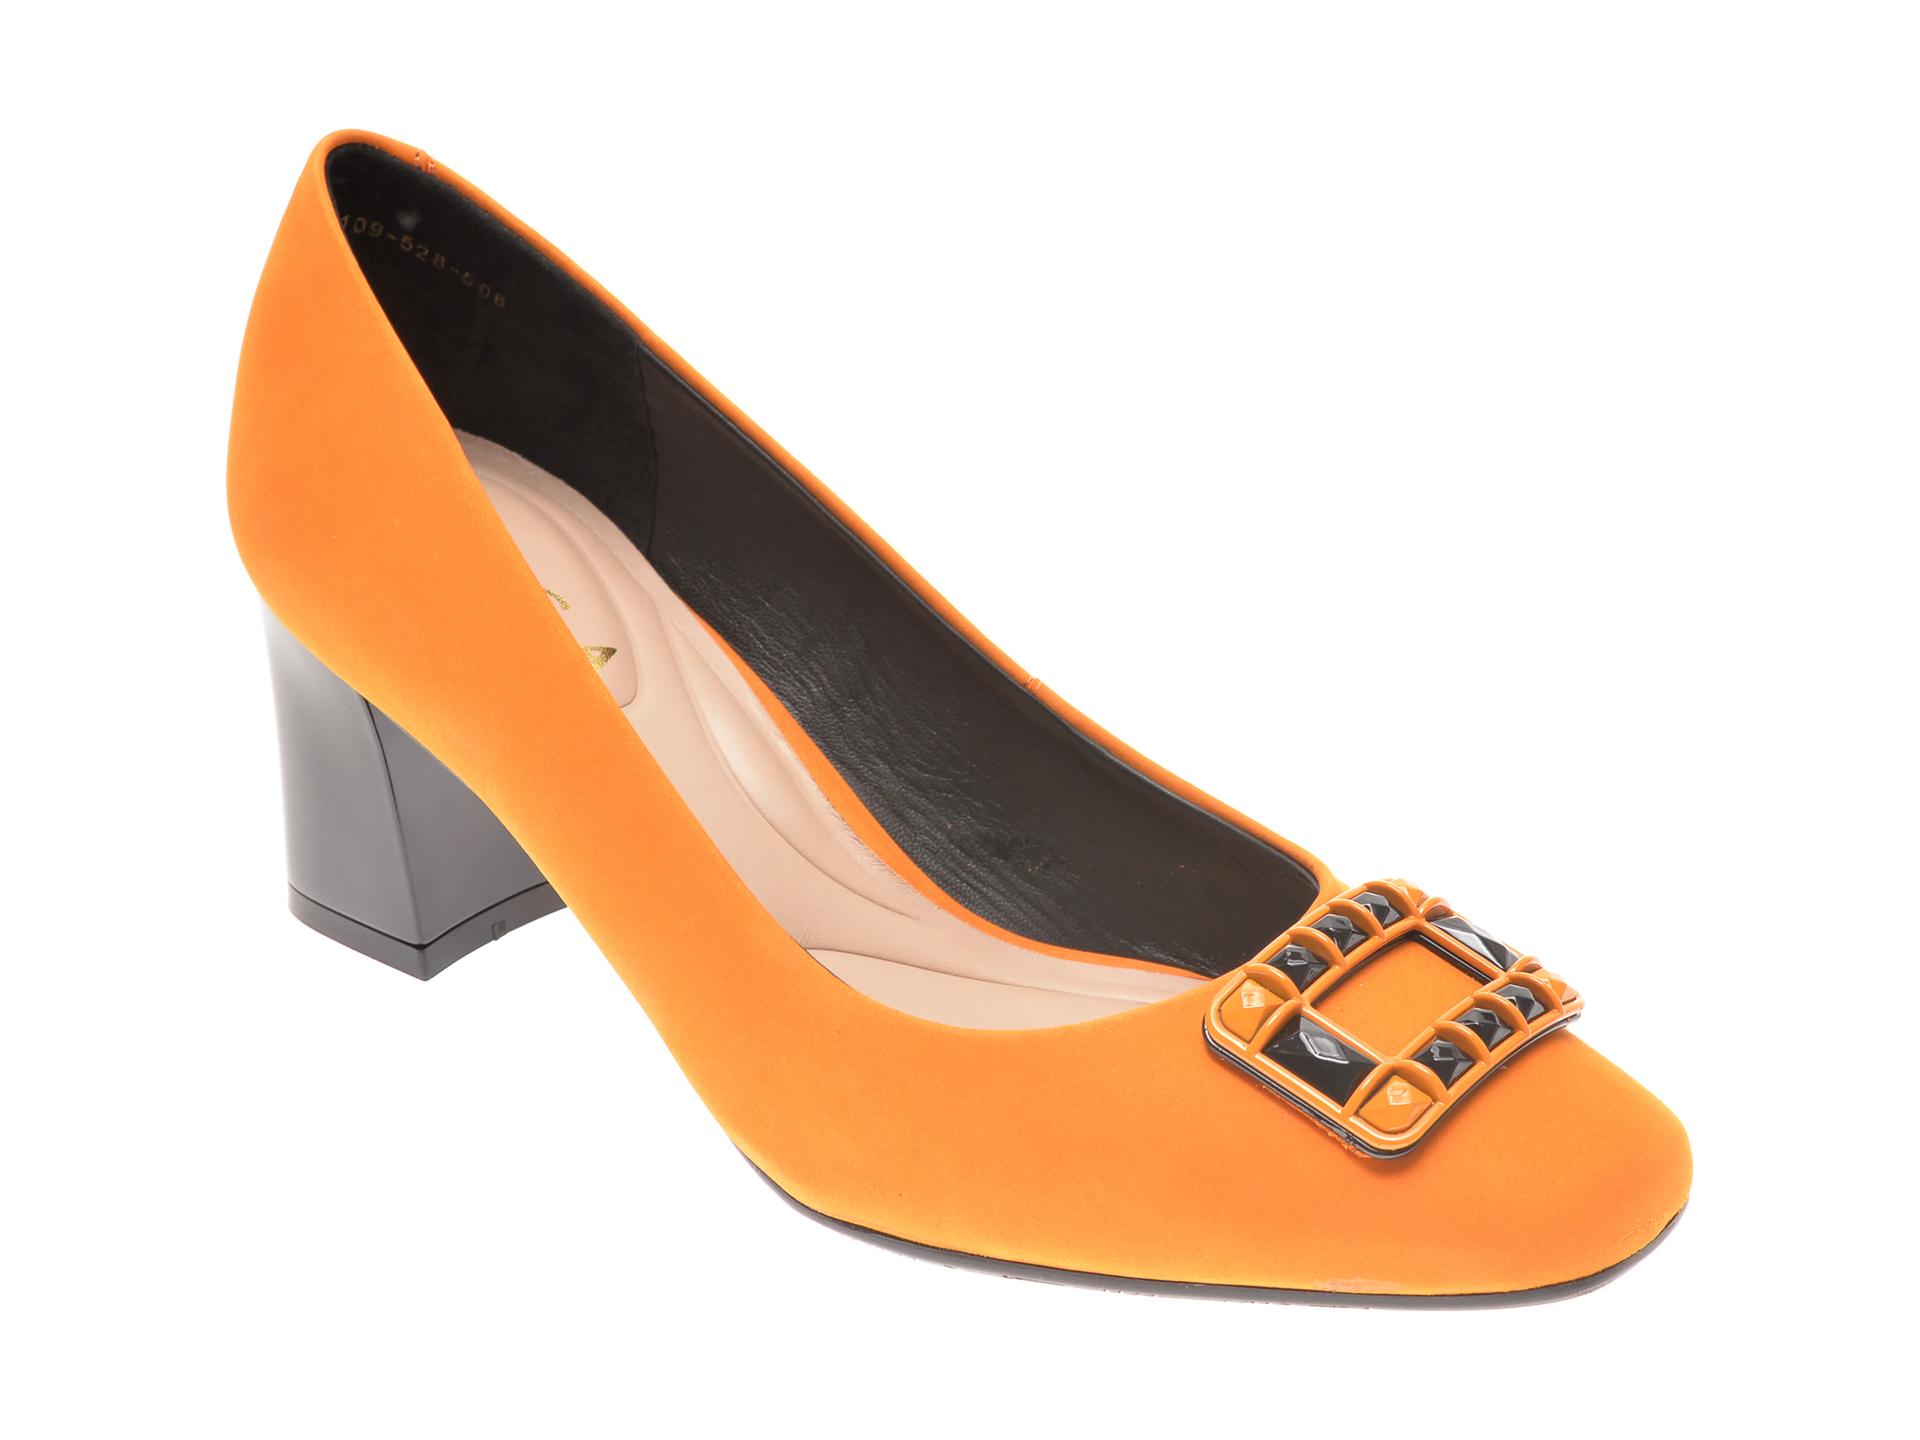 Pantofi EPICA galbeni, 2109528, din nabuc imagine otter.ro